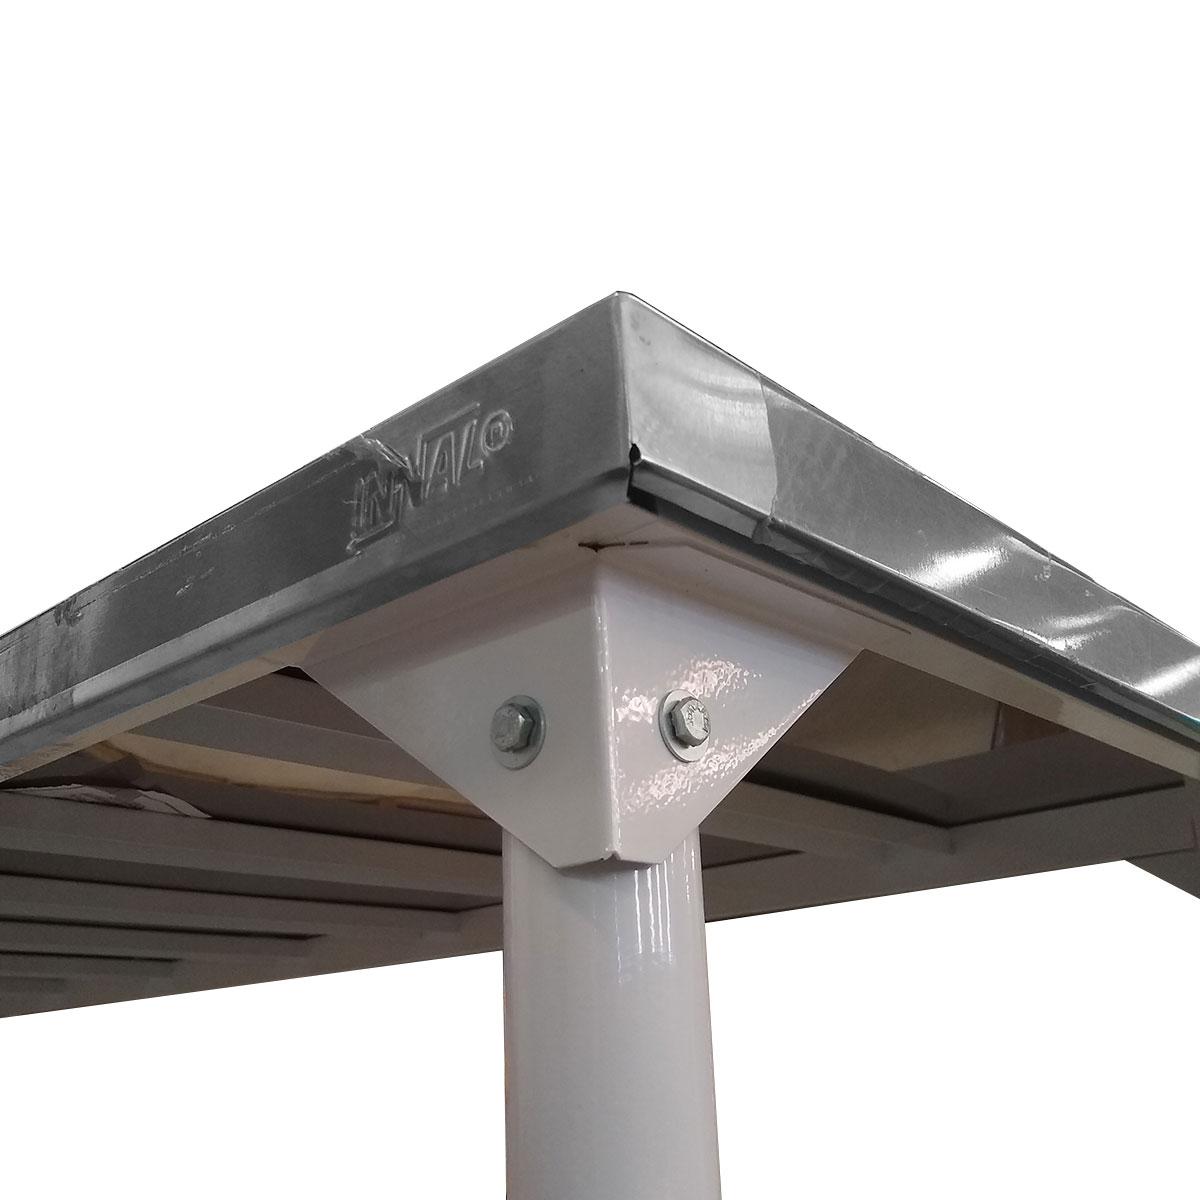 Mesa em Inox Innal 1,12x70 com Prateleira Grade - Innal  - Carmel Equipamentos